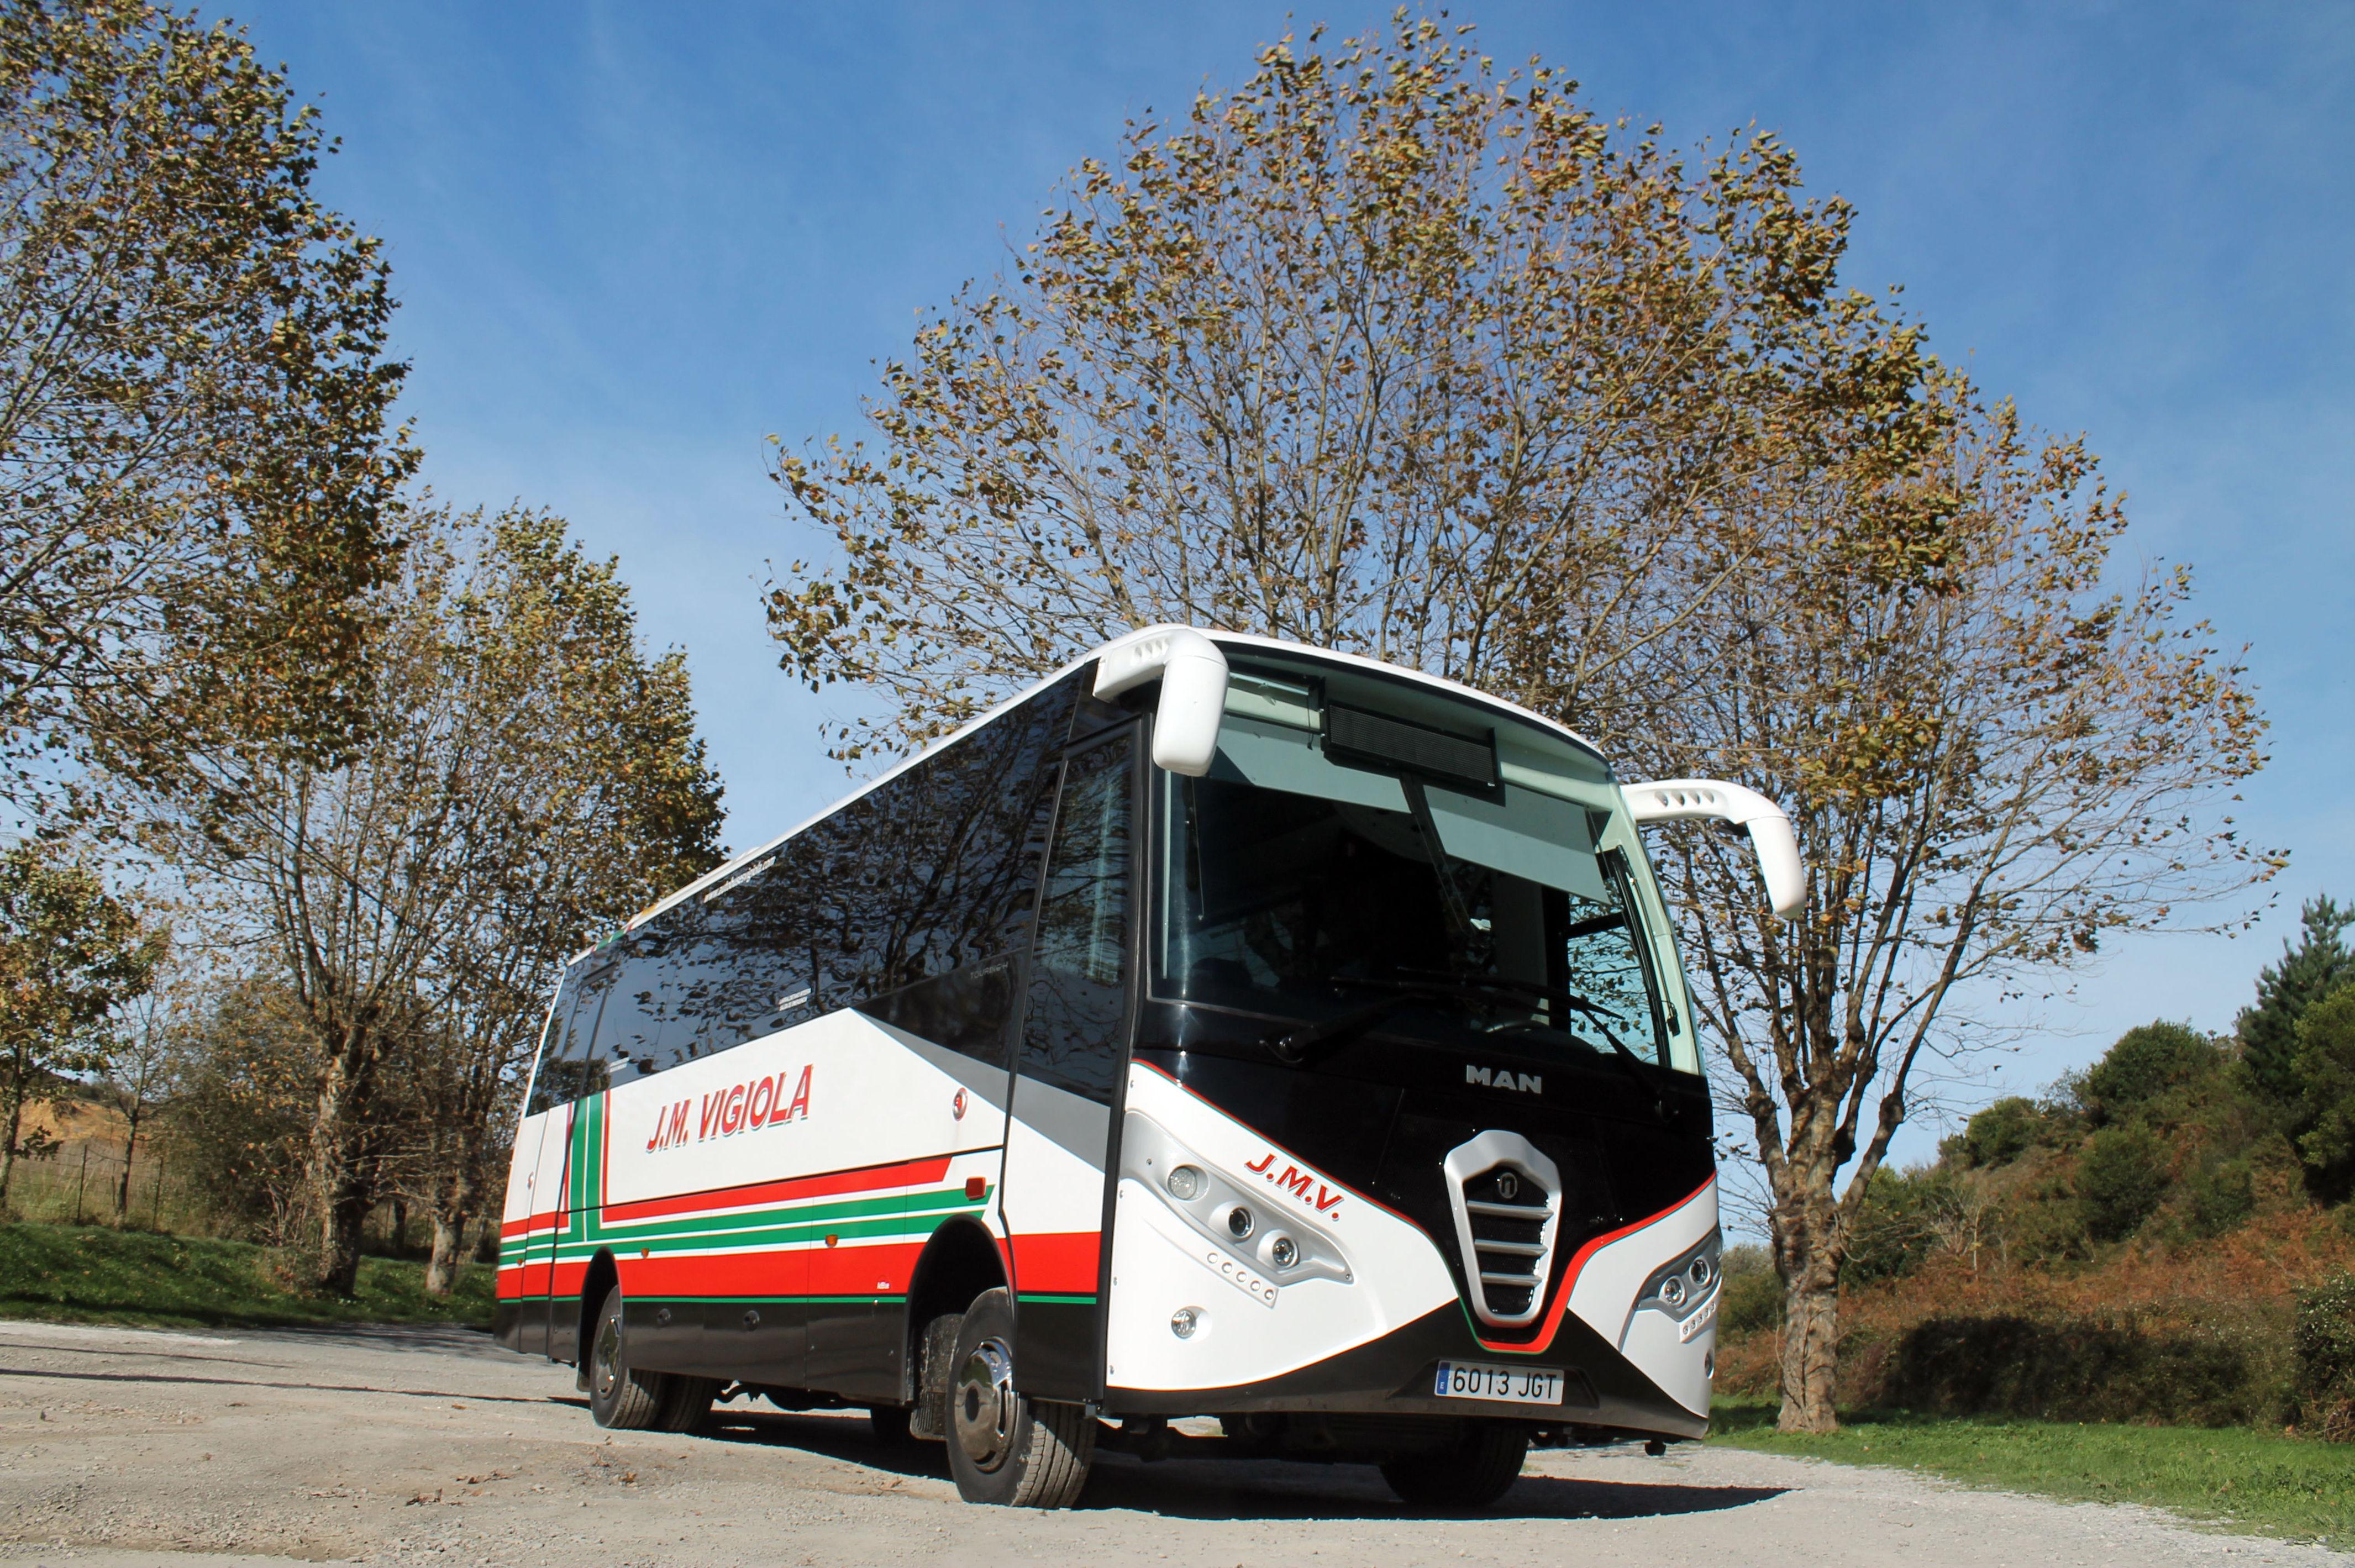 Foto 24 de Autobuses en Abanto Zierbena | J. M. Vigiola